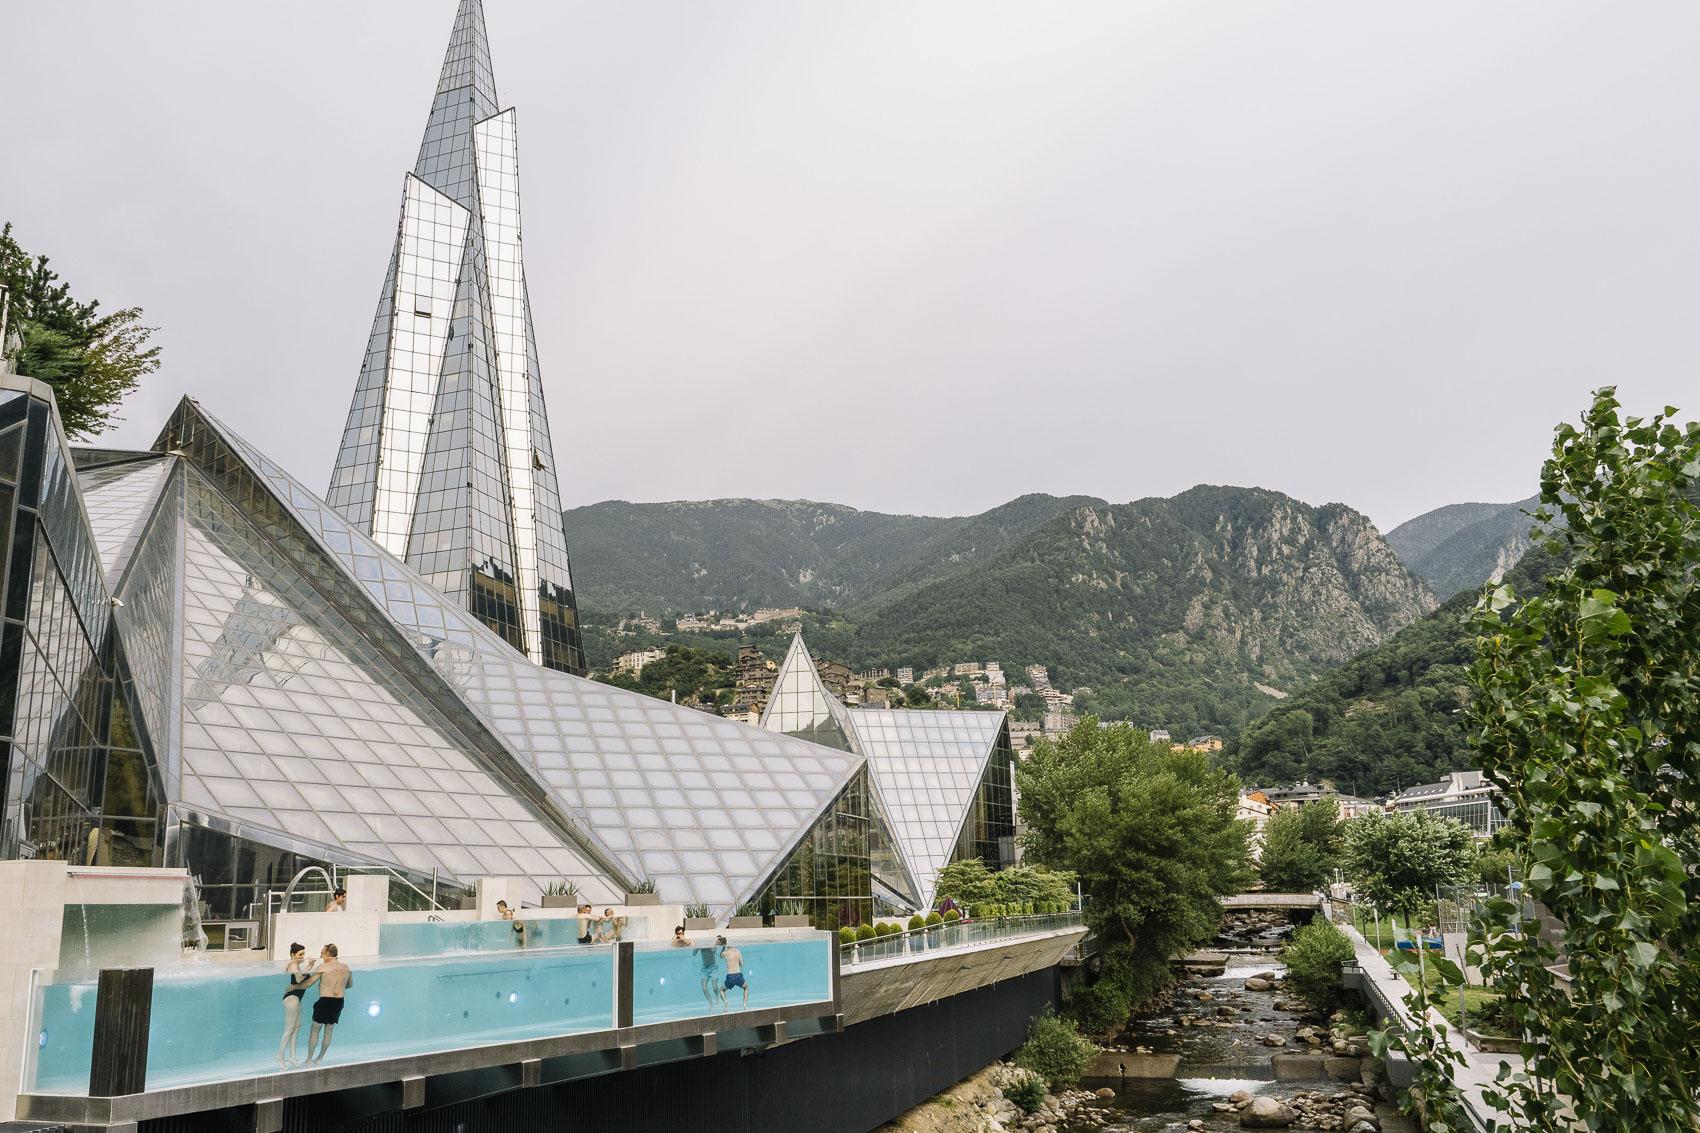 Caldea Andorra en verano